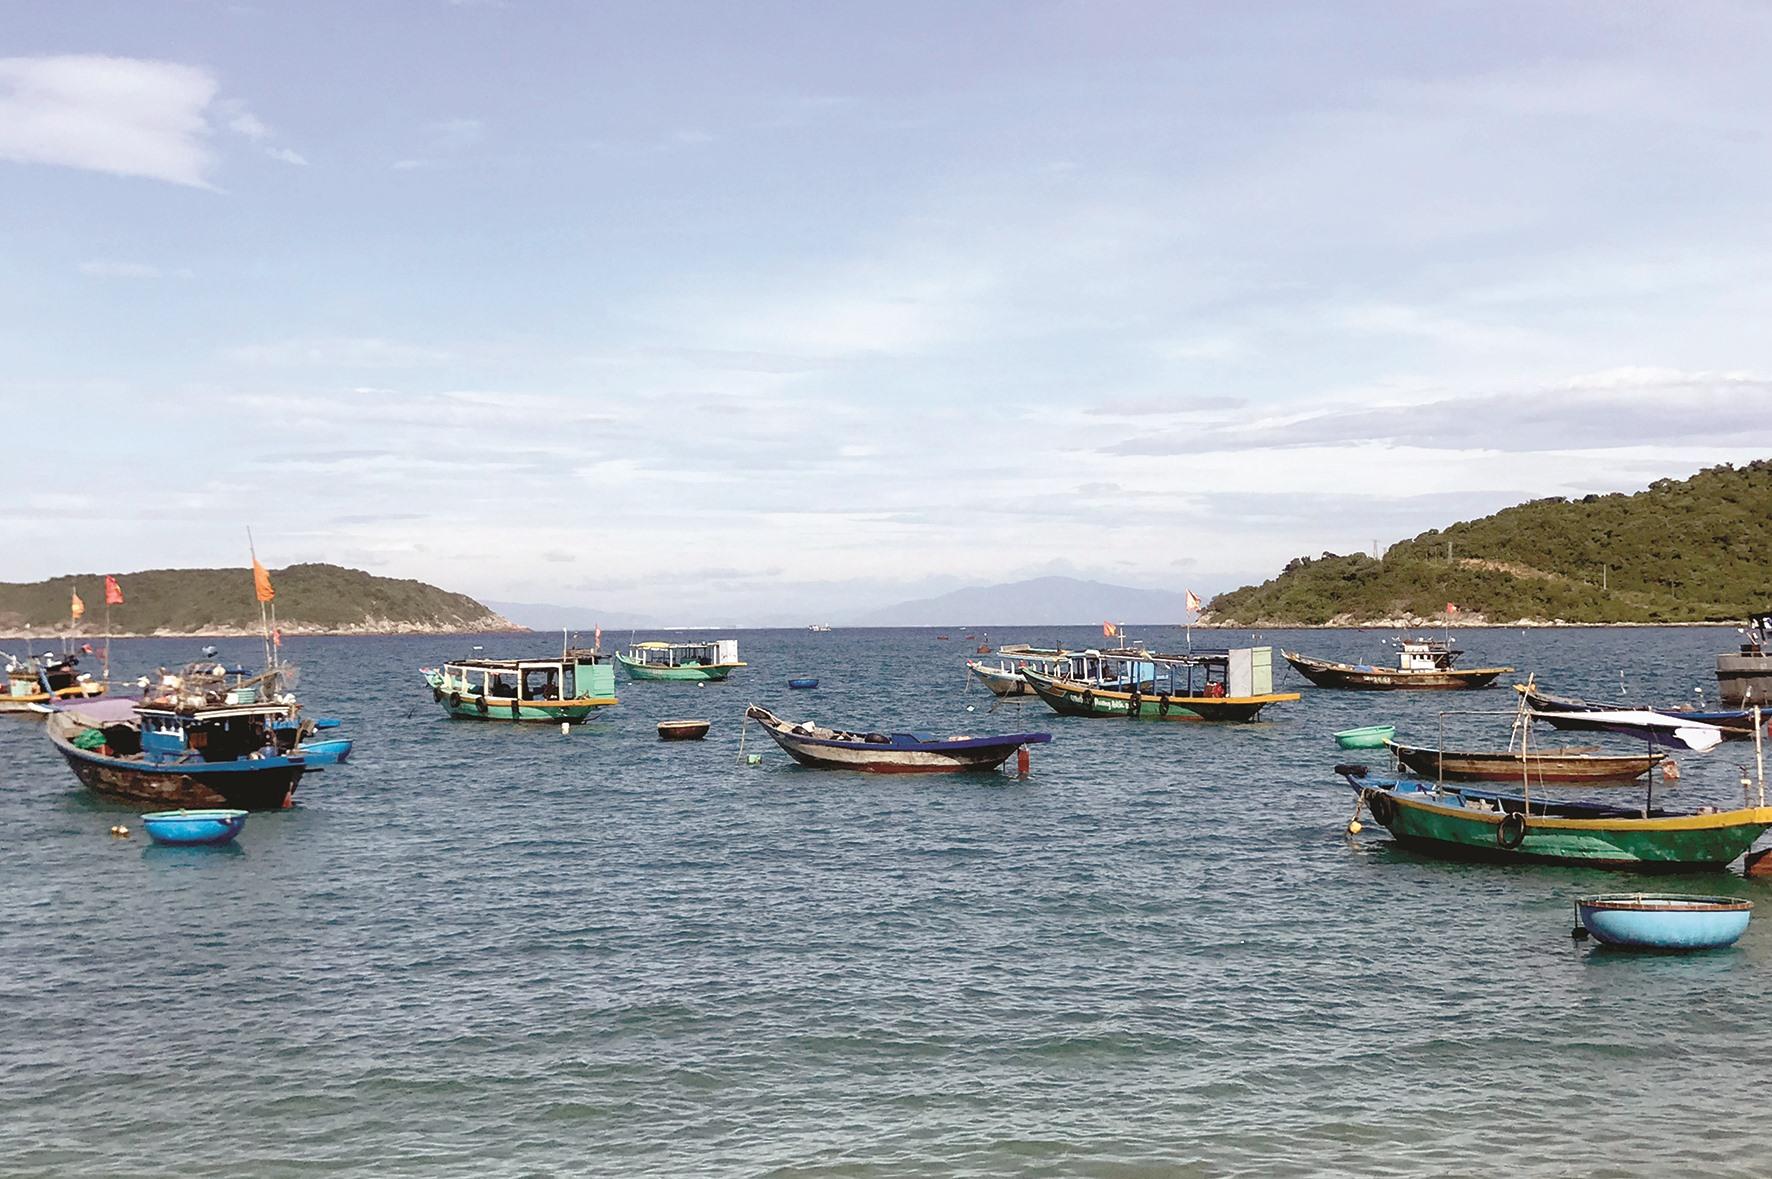 Các tàu thuyền trước đây phục vụ du lịch nay chuyển đổi sang đánh bắt hải sản.